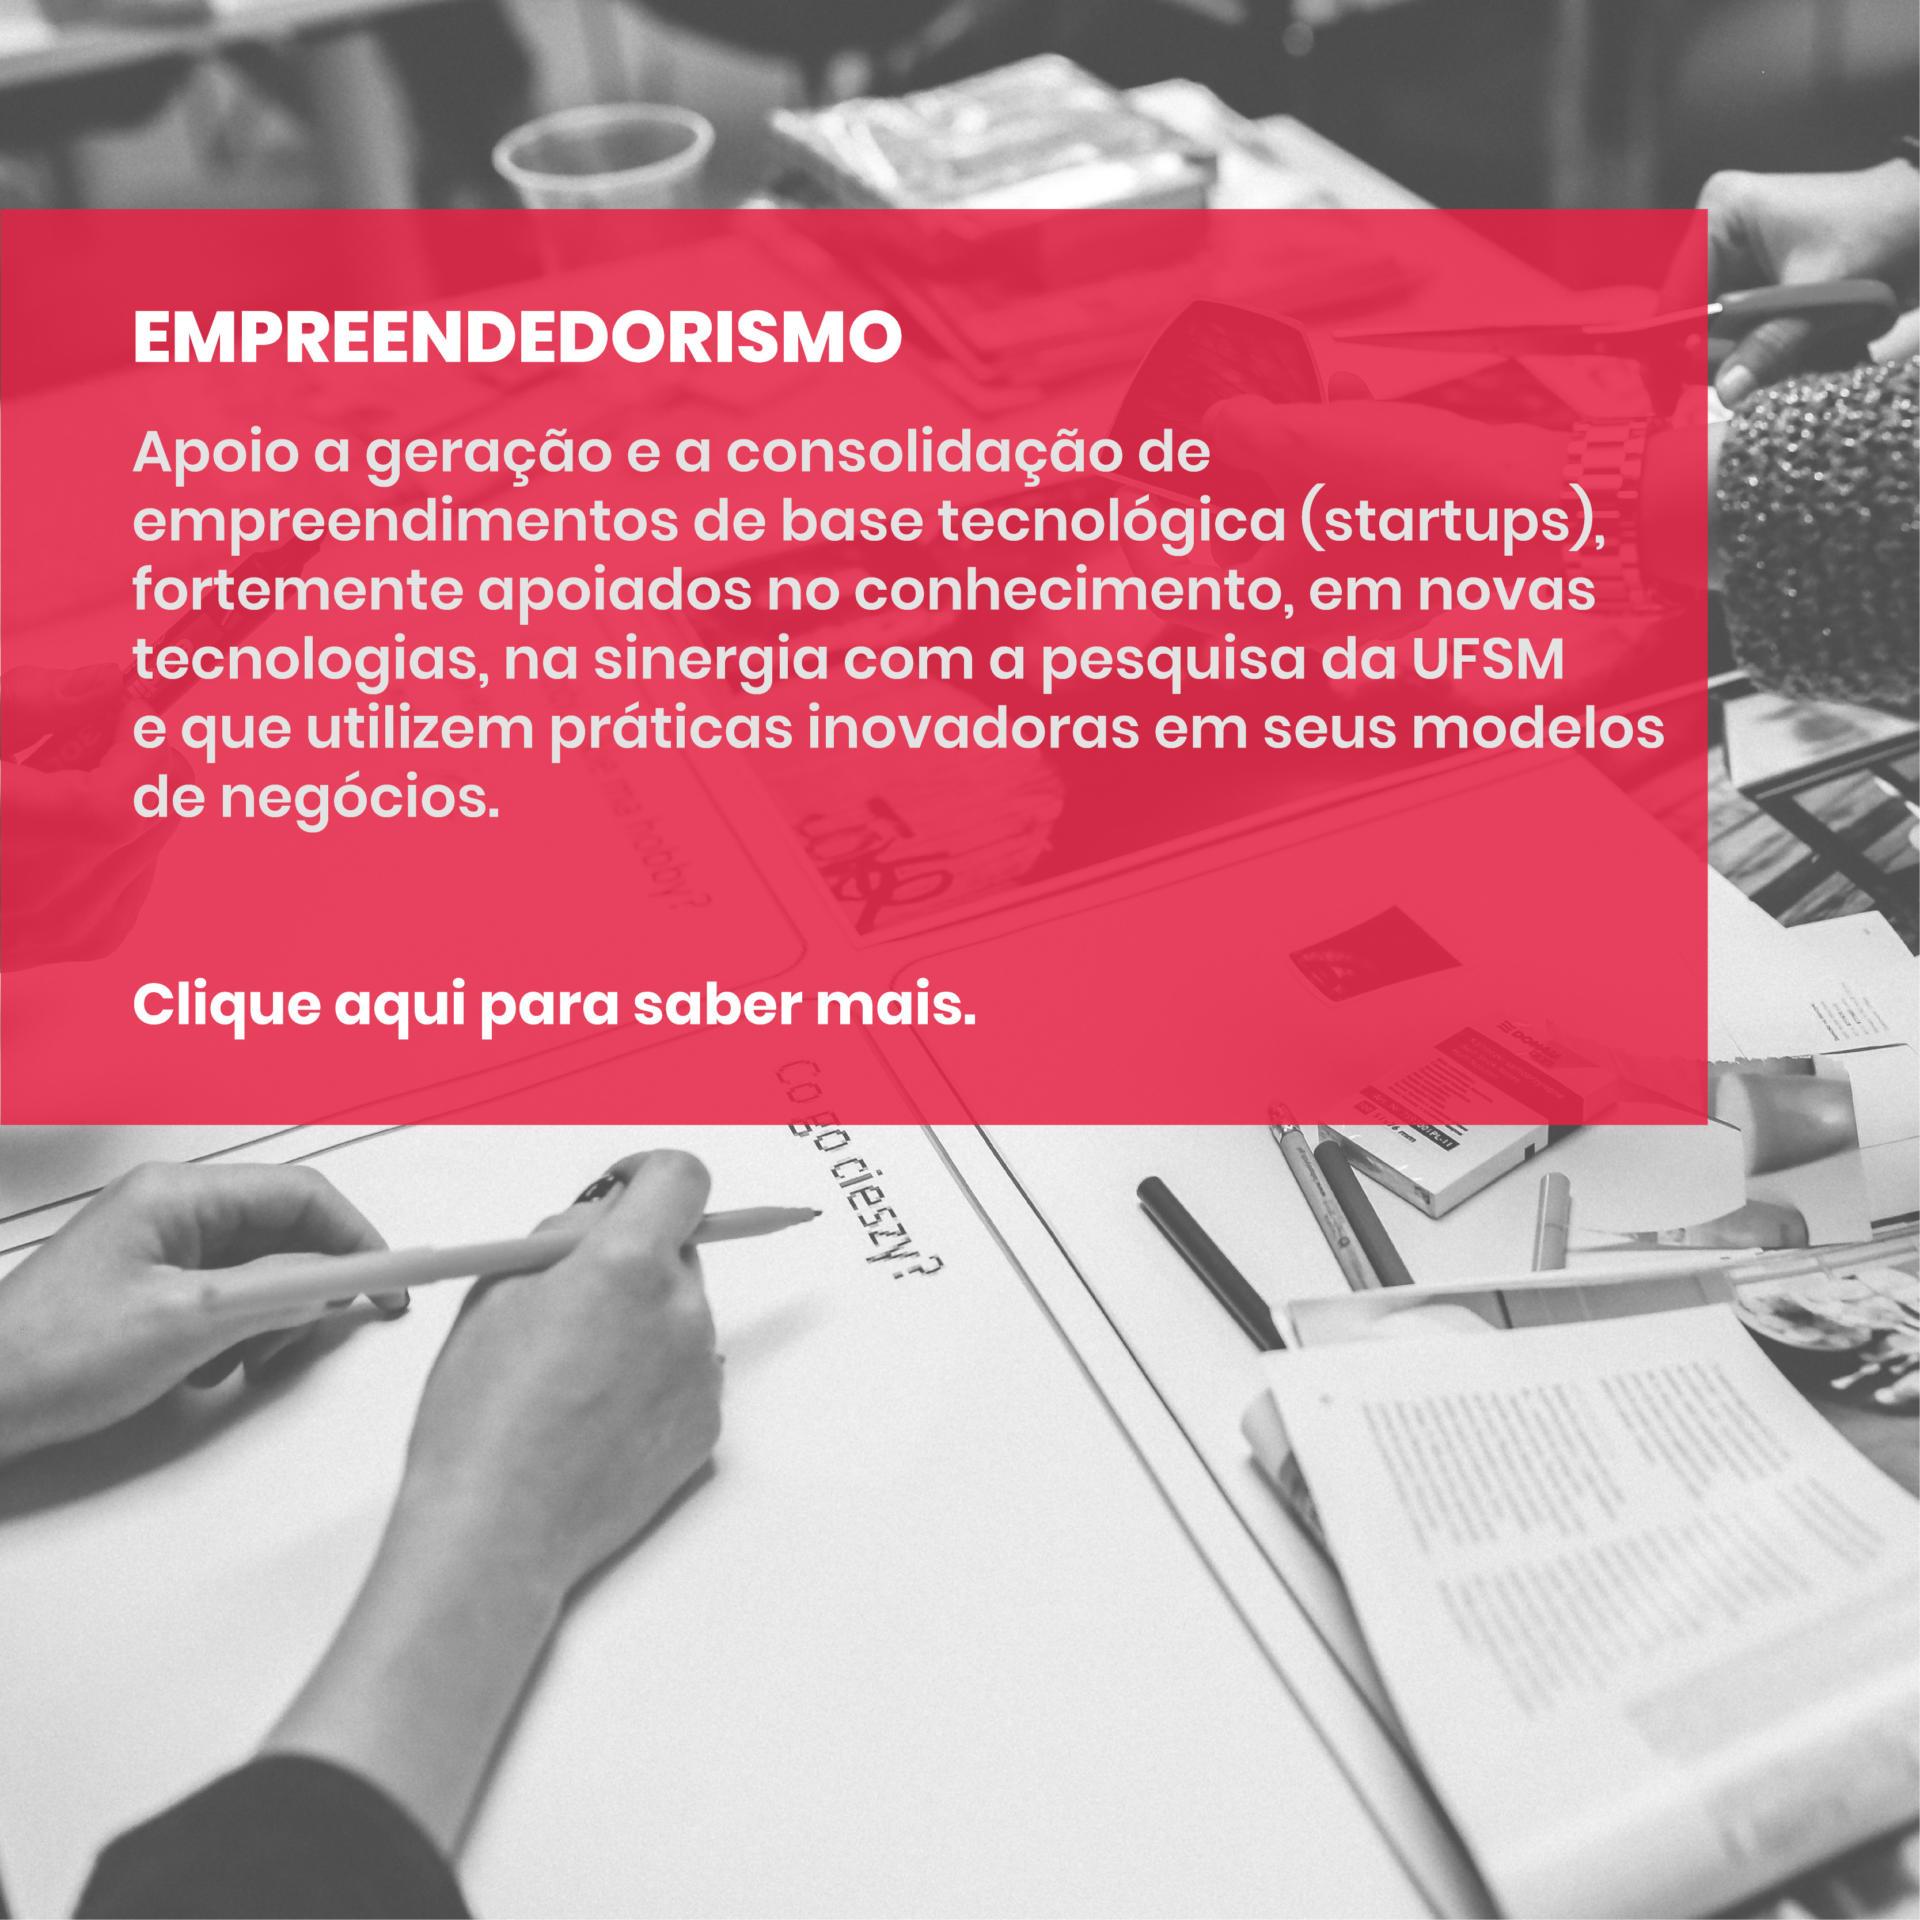 EMPREENDEDORISMO - Apoio a geração e a consolidação de empreendimentos de base tecnológica (startups), fortemente apoiados no conhecimento, em novas tecnologias, na sinergia com a pesquisa da UFSM e que utilizem práticas inovadoras em seus modelos de negócios. Clique aqui para saber mais.